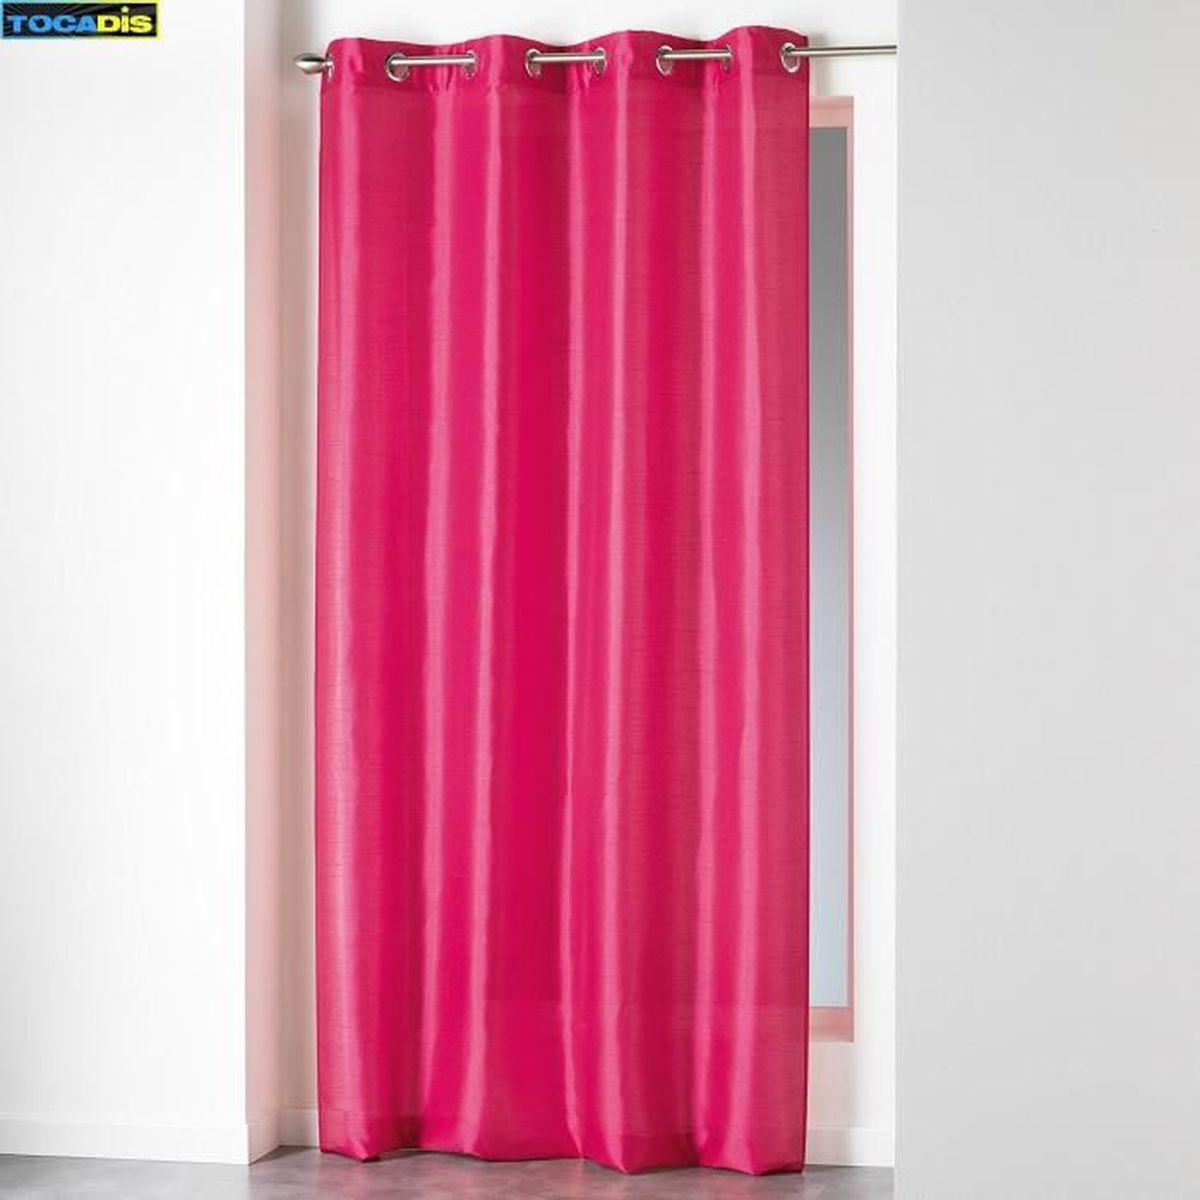 rideau fushia 140 240 achat vente rideau fushia 140 240 pas cher soldes d s le 10 janvier. Black Bedroom Furniture Sets. Home Design Ideas